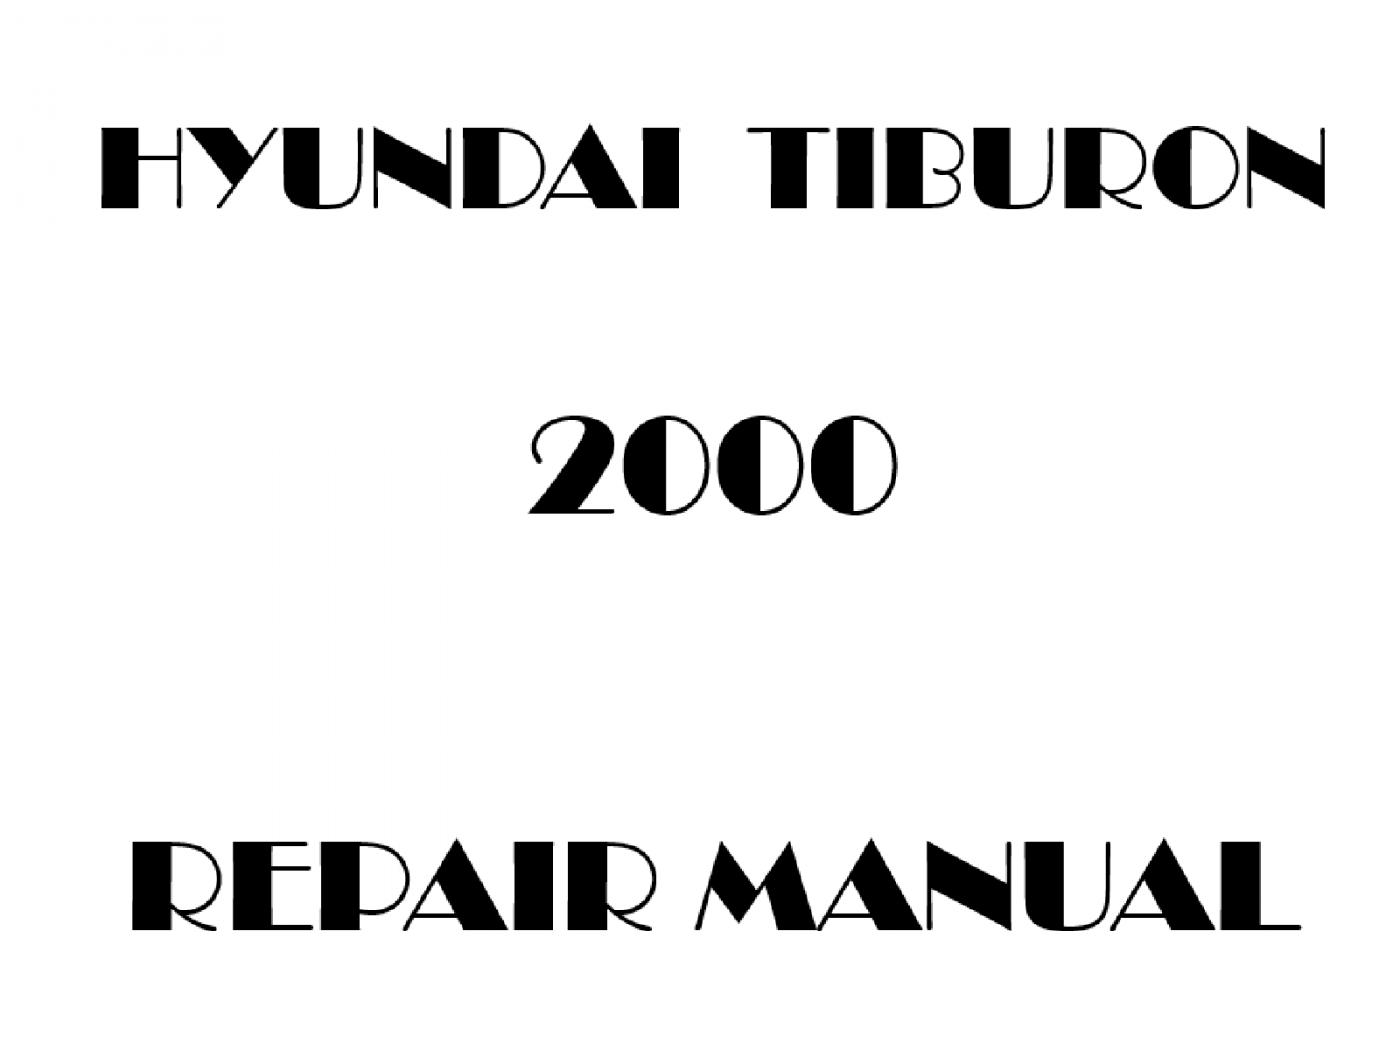 2000 Hyundai Tiburon repair manual